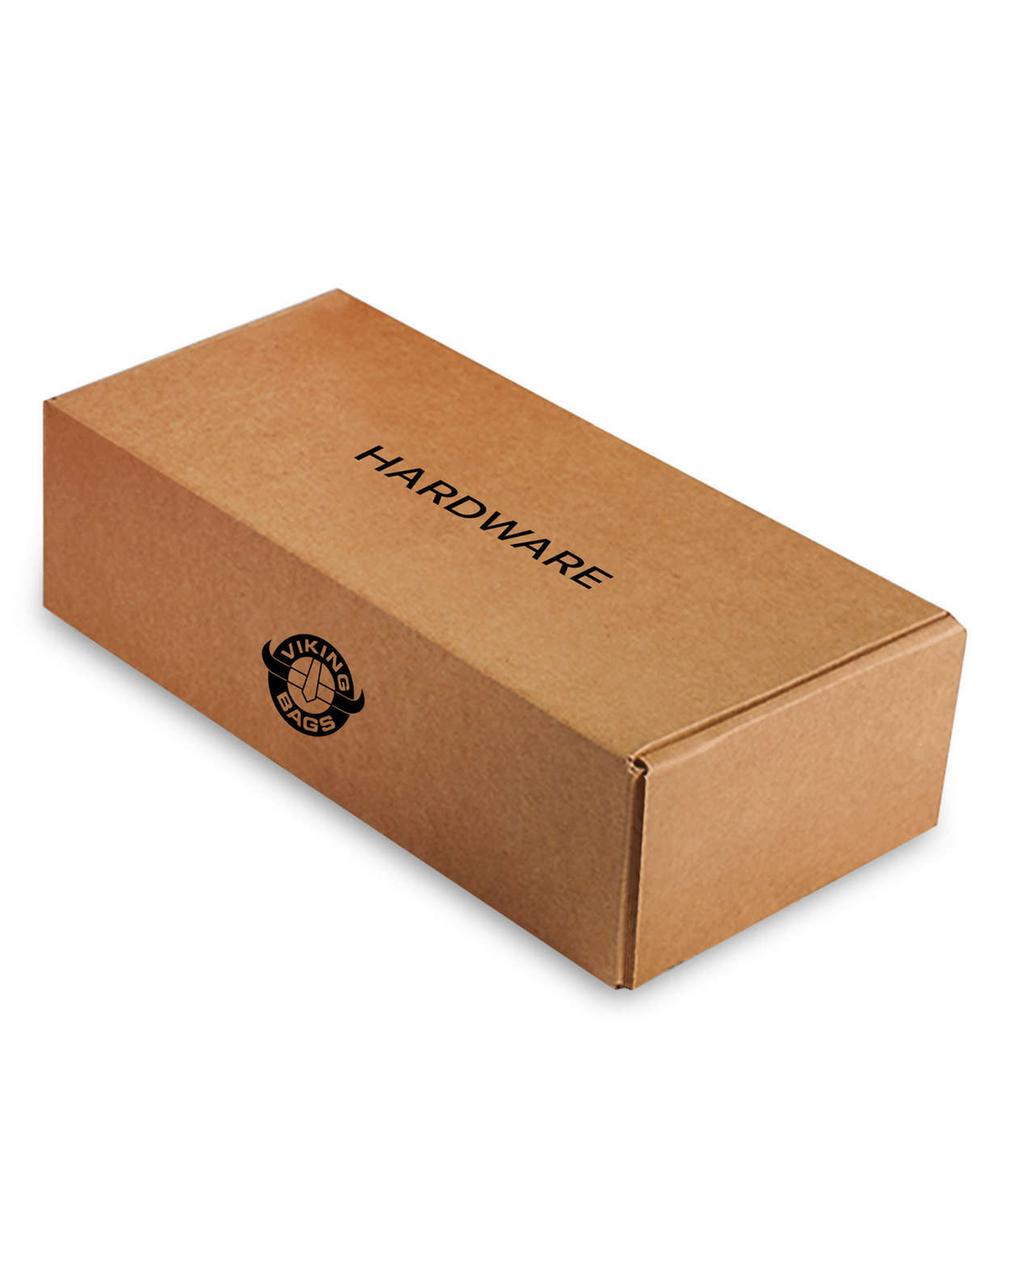 Honda VTX 1300 C Shock Cutout Studded Motorcycle Saddlebags Hardware Box